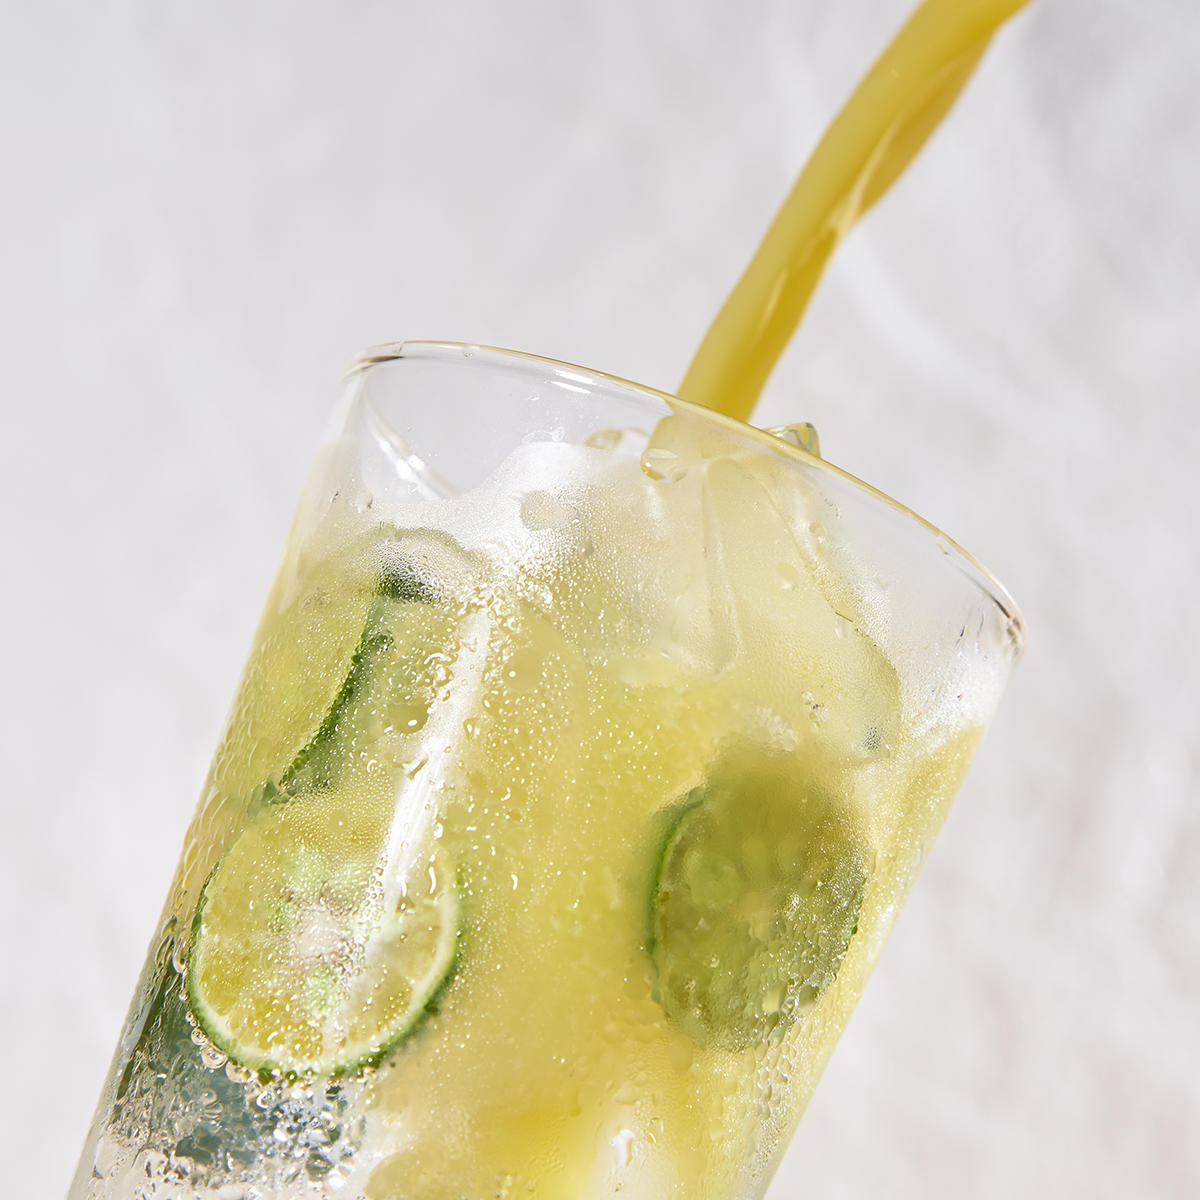 もへじ 沖縄県産シークヮーサー果汁100%_2